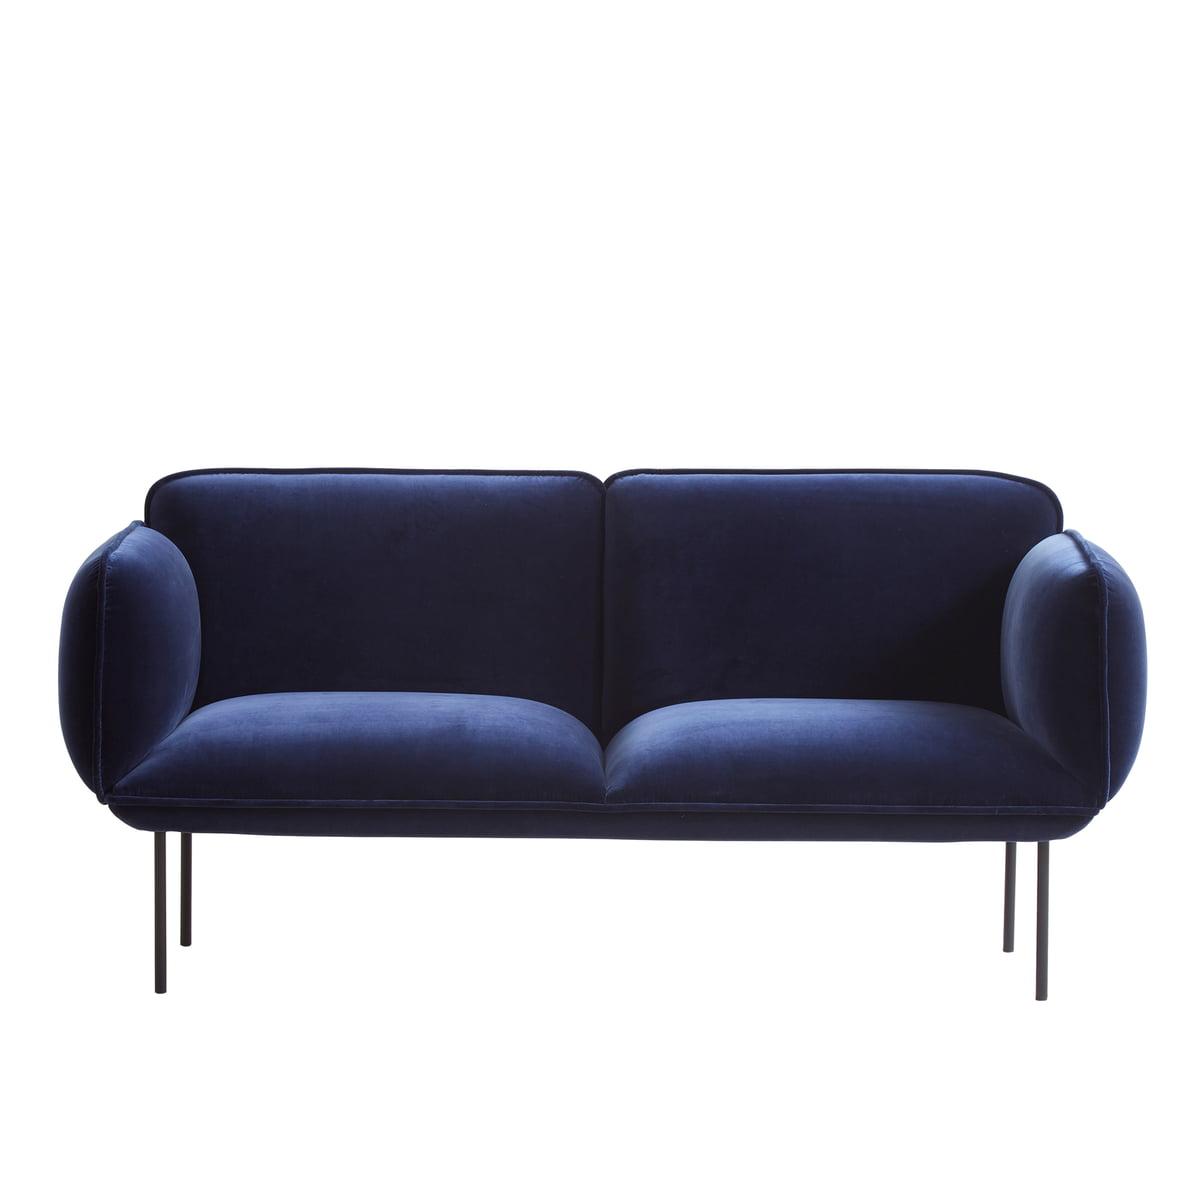 Woud nakki sofa 2 sitzer dunkelblau harald 2 182 1zu1